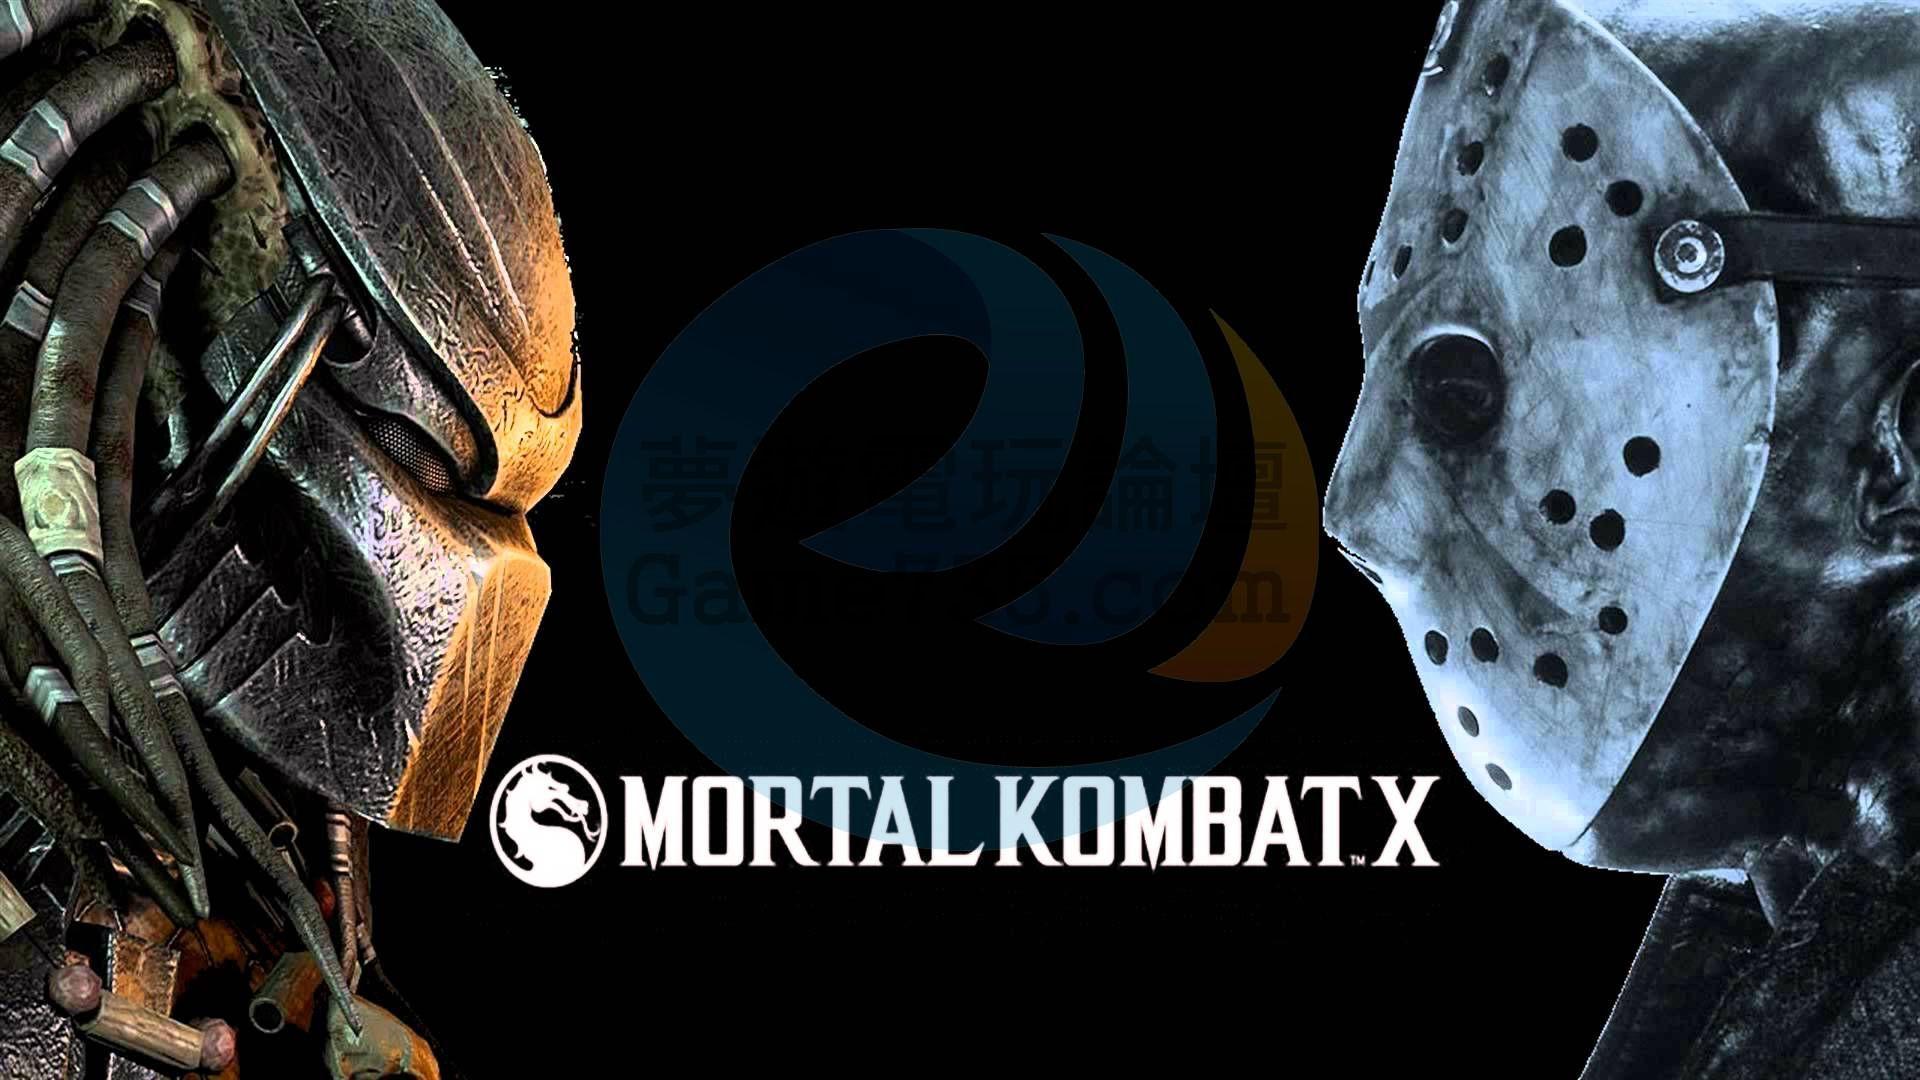 【修改版】MORTAL KOMBAT X MOD 3.1.0 真人快打X 中文 20201217